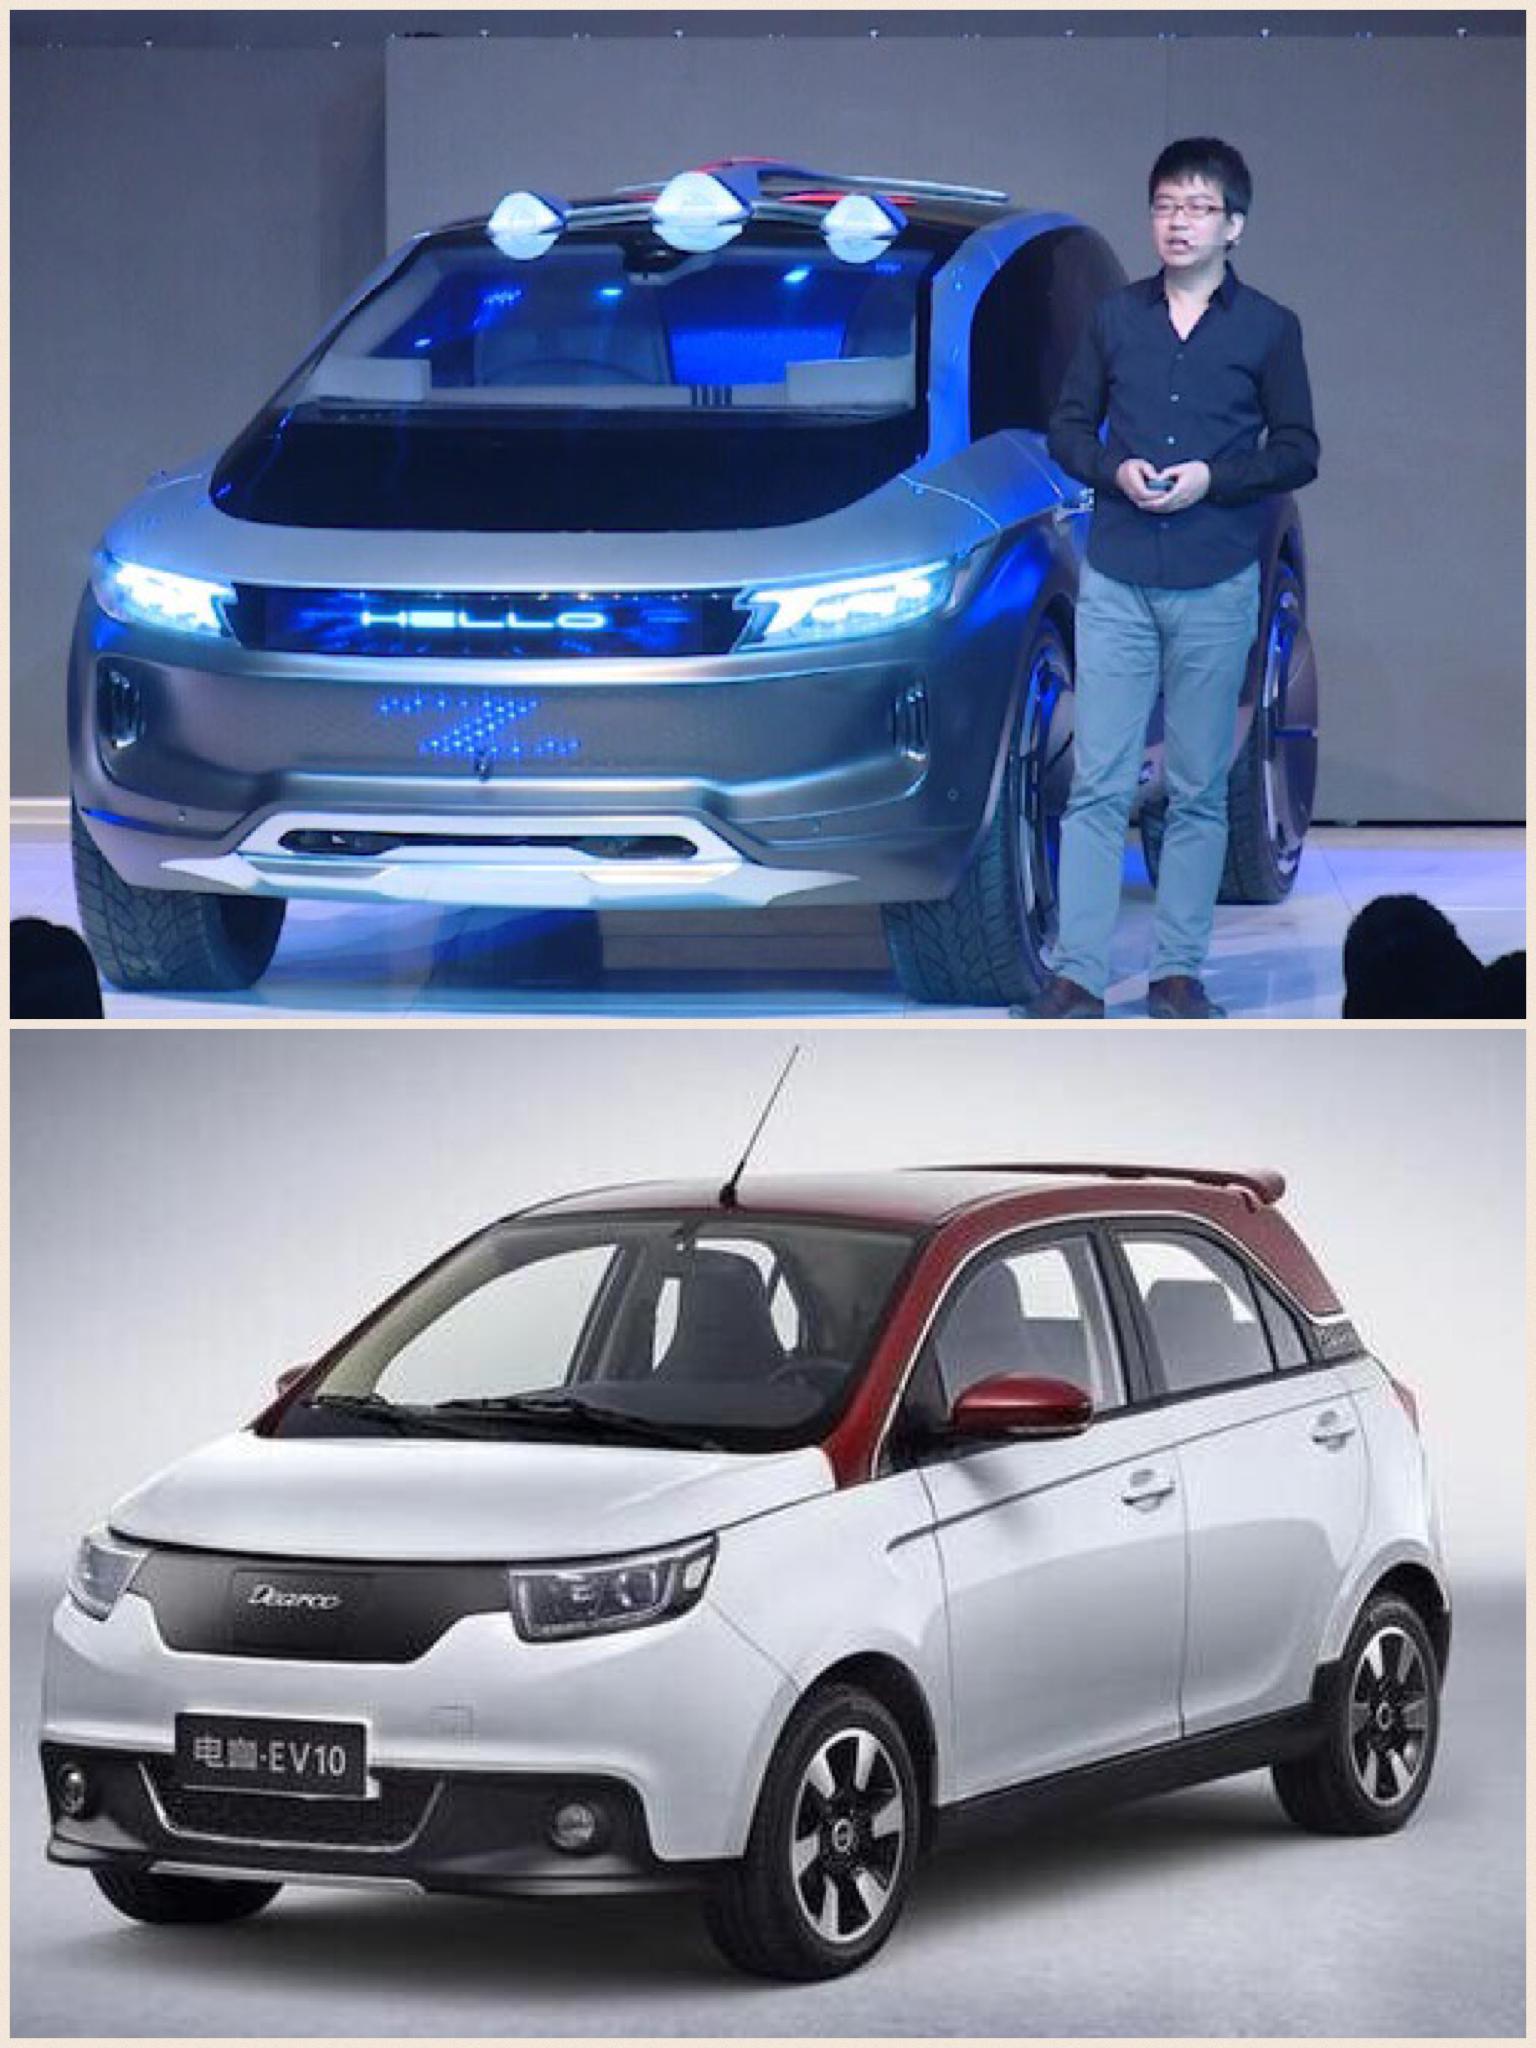 中国新興EVメーカー 奇点の「HELLO」電珈の「EV10」